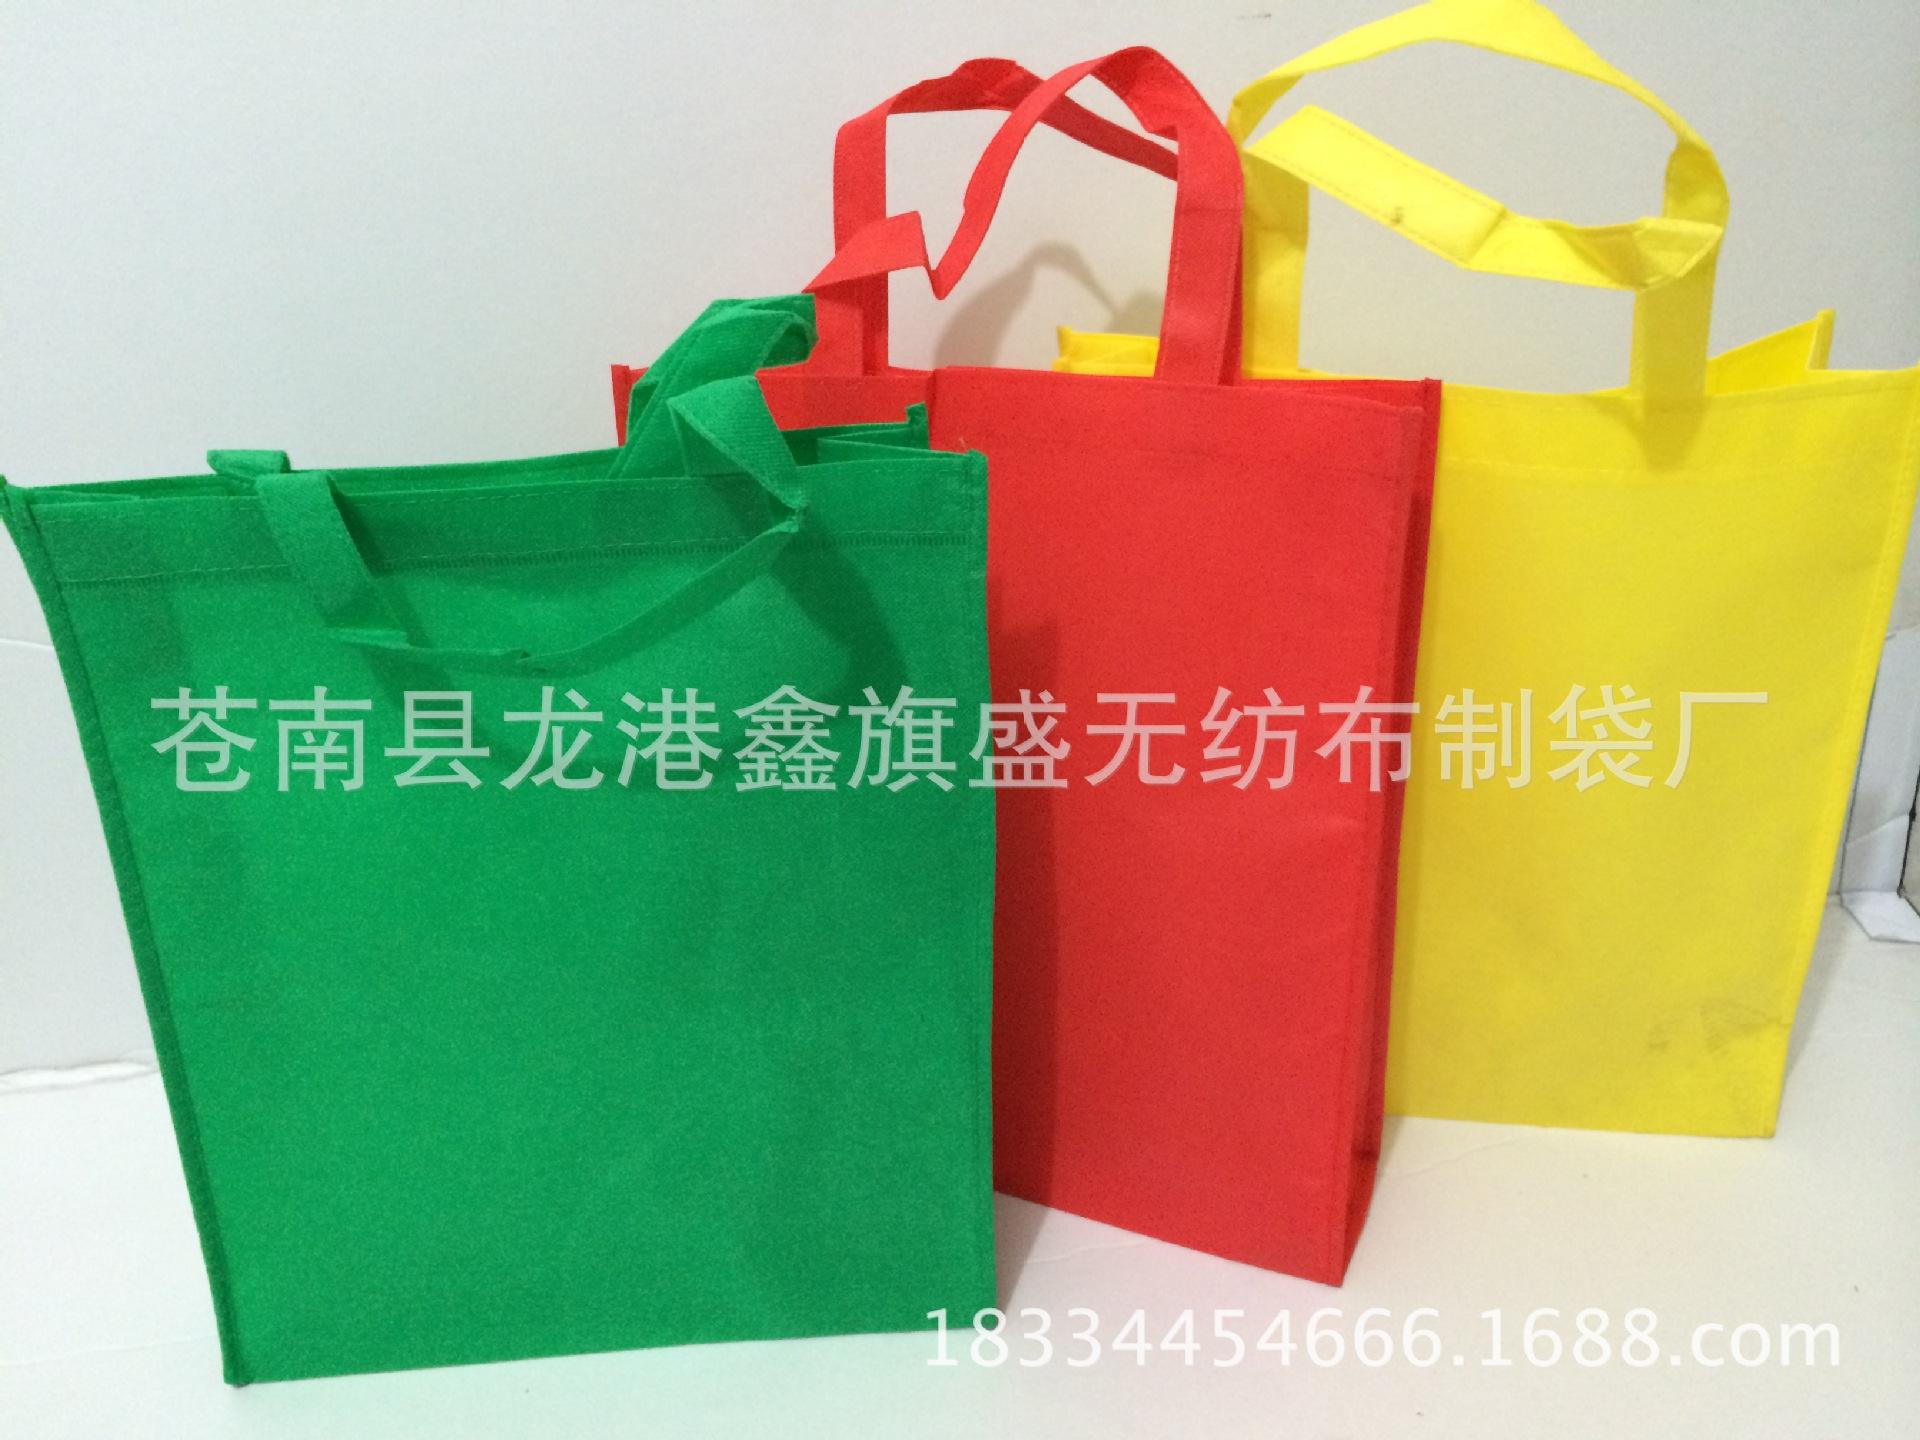 无纺布袋子 定做手提袋订做环保袋定制广告购物空白袋现货批发